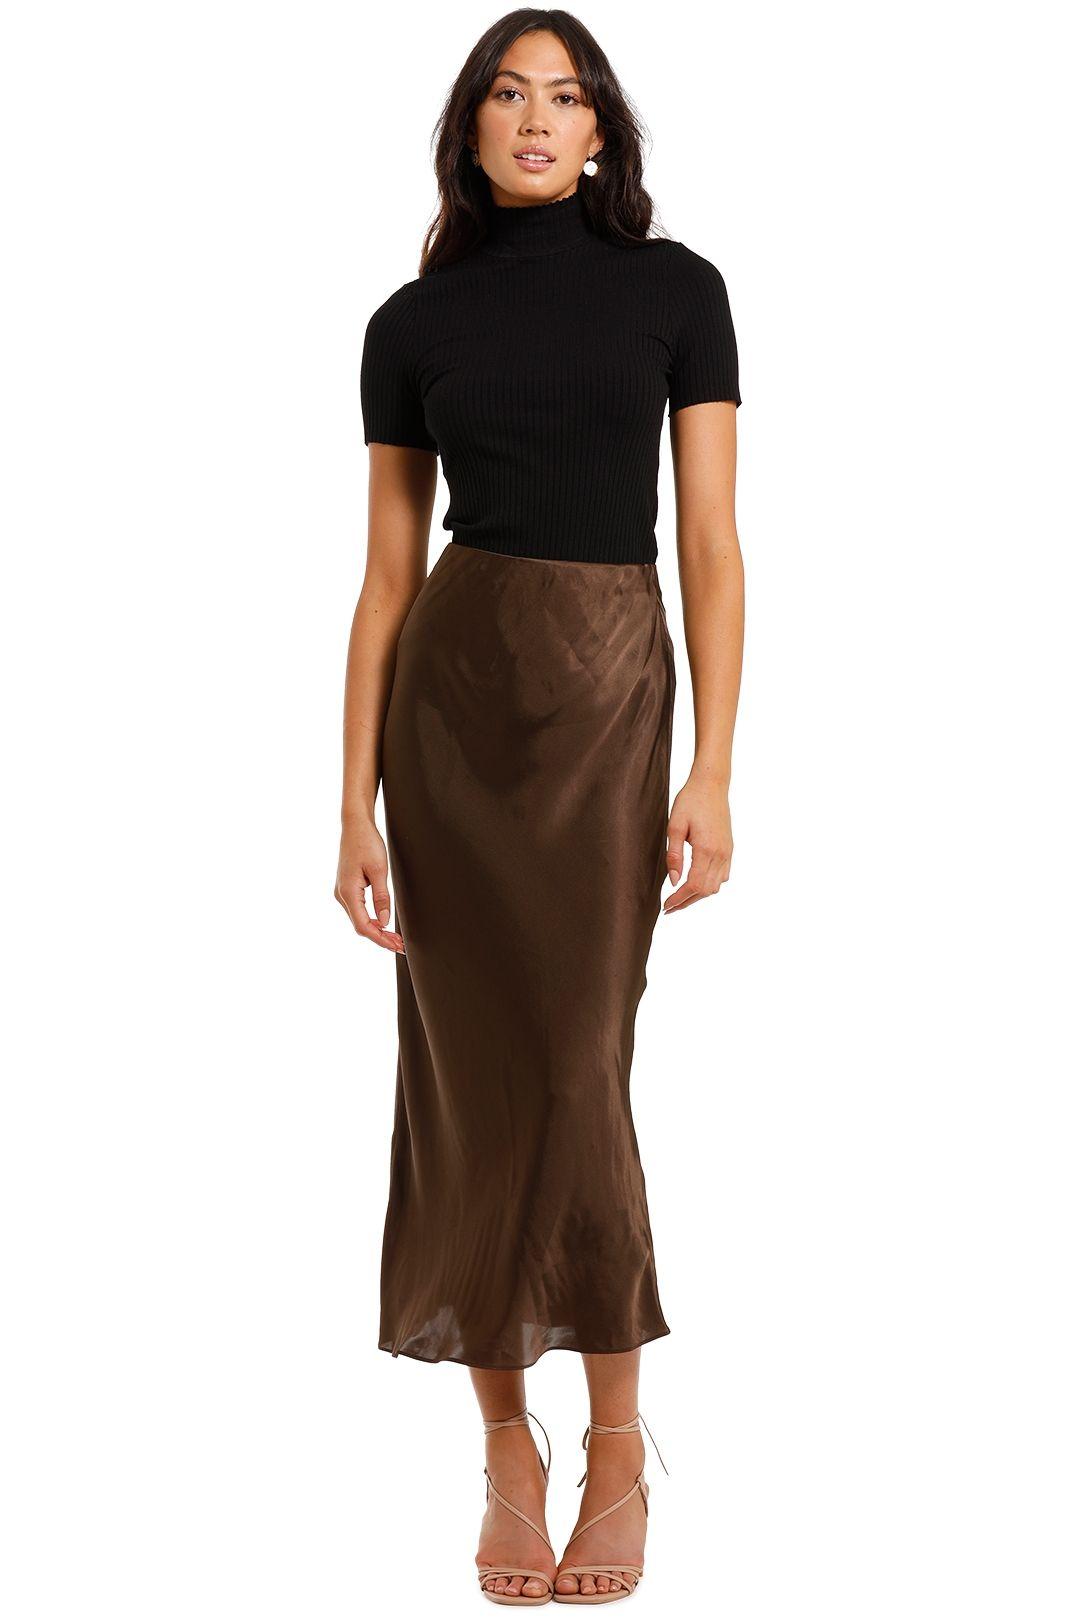 Elka Collective Versailles Skirt Brown